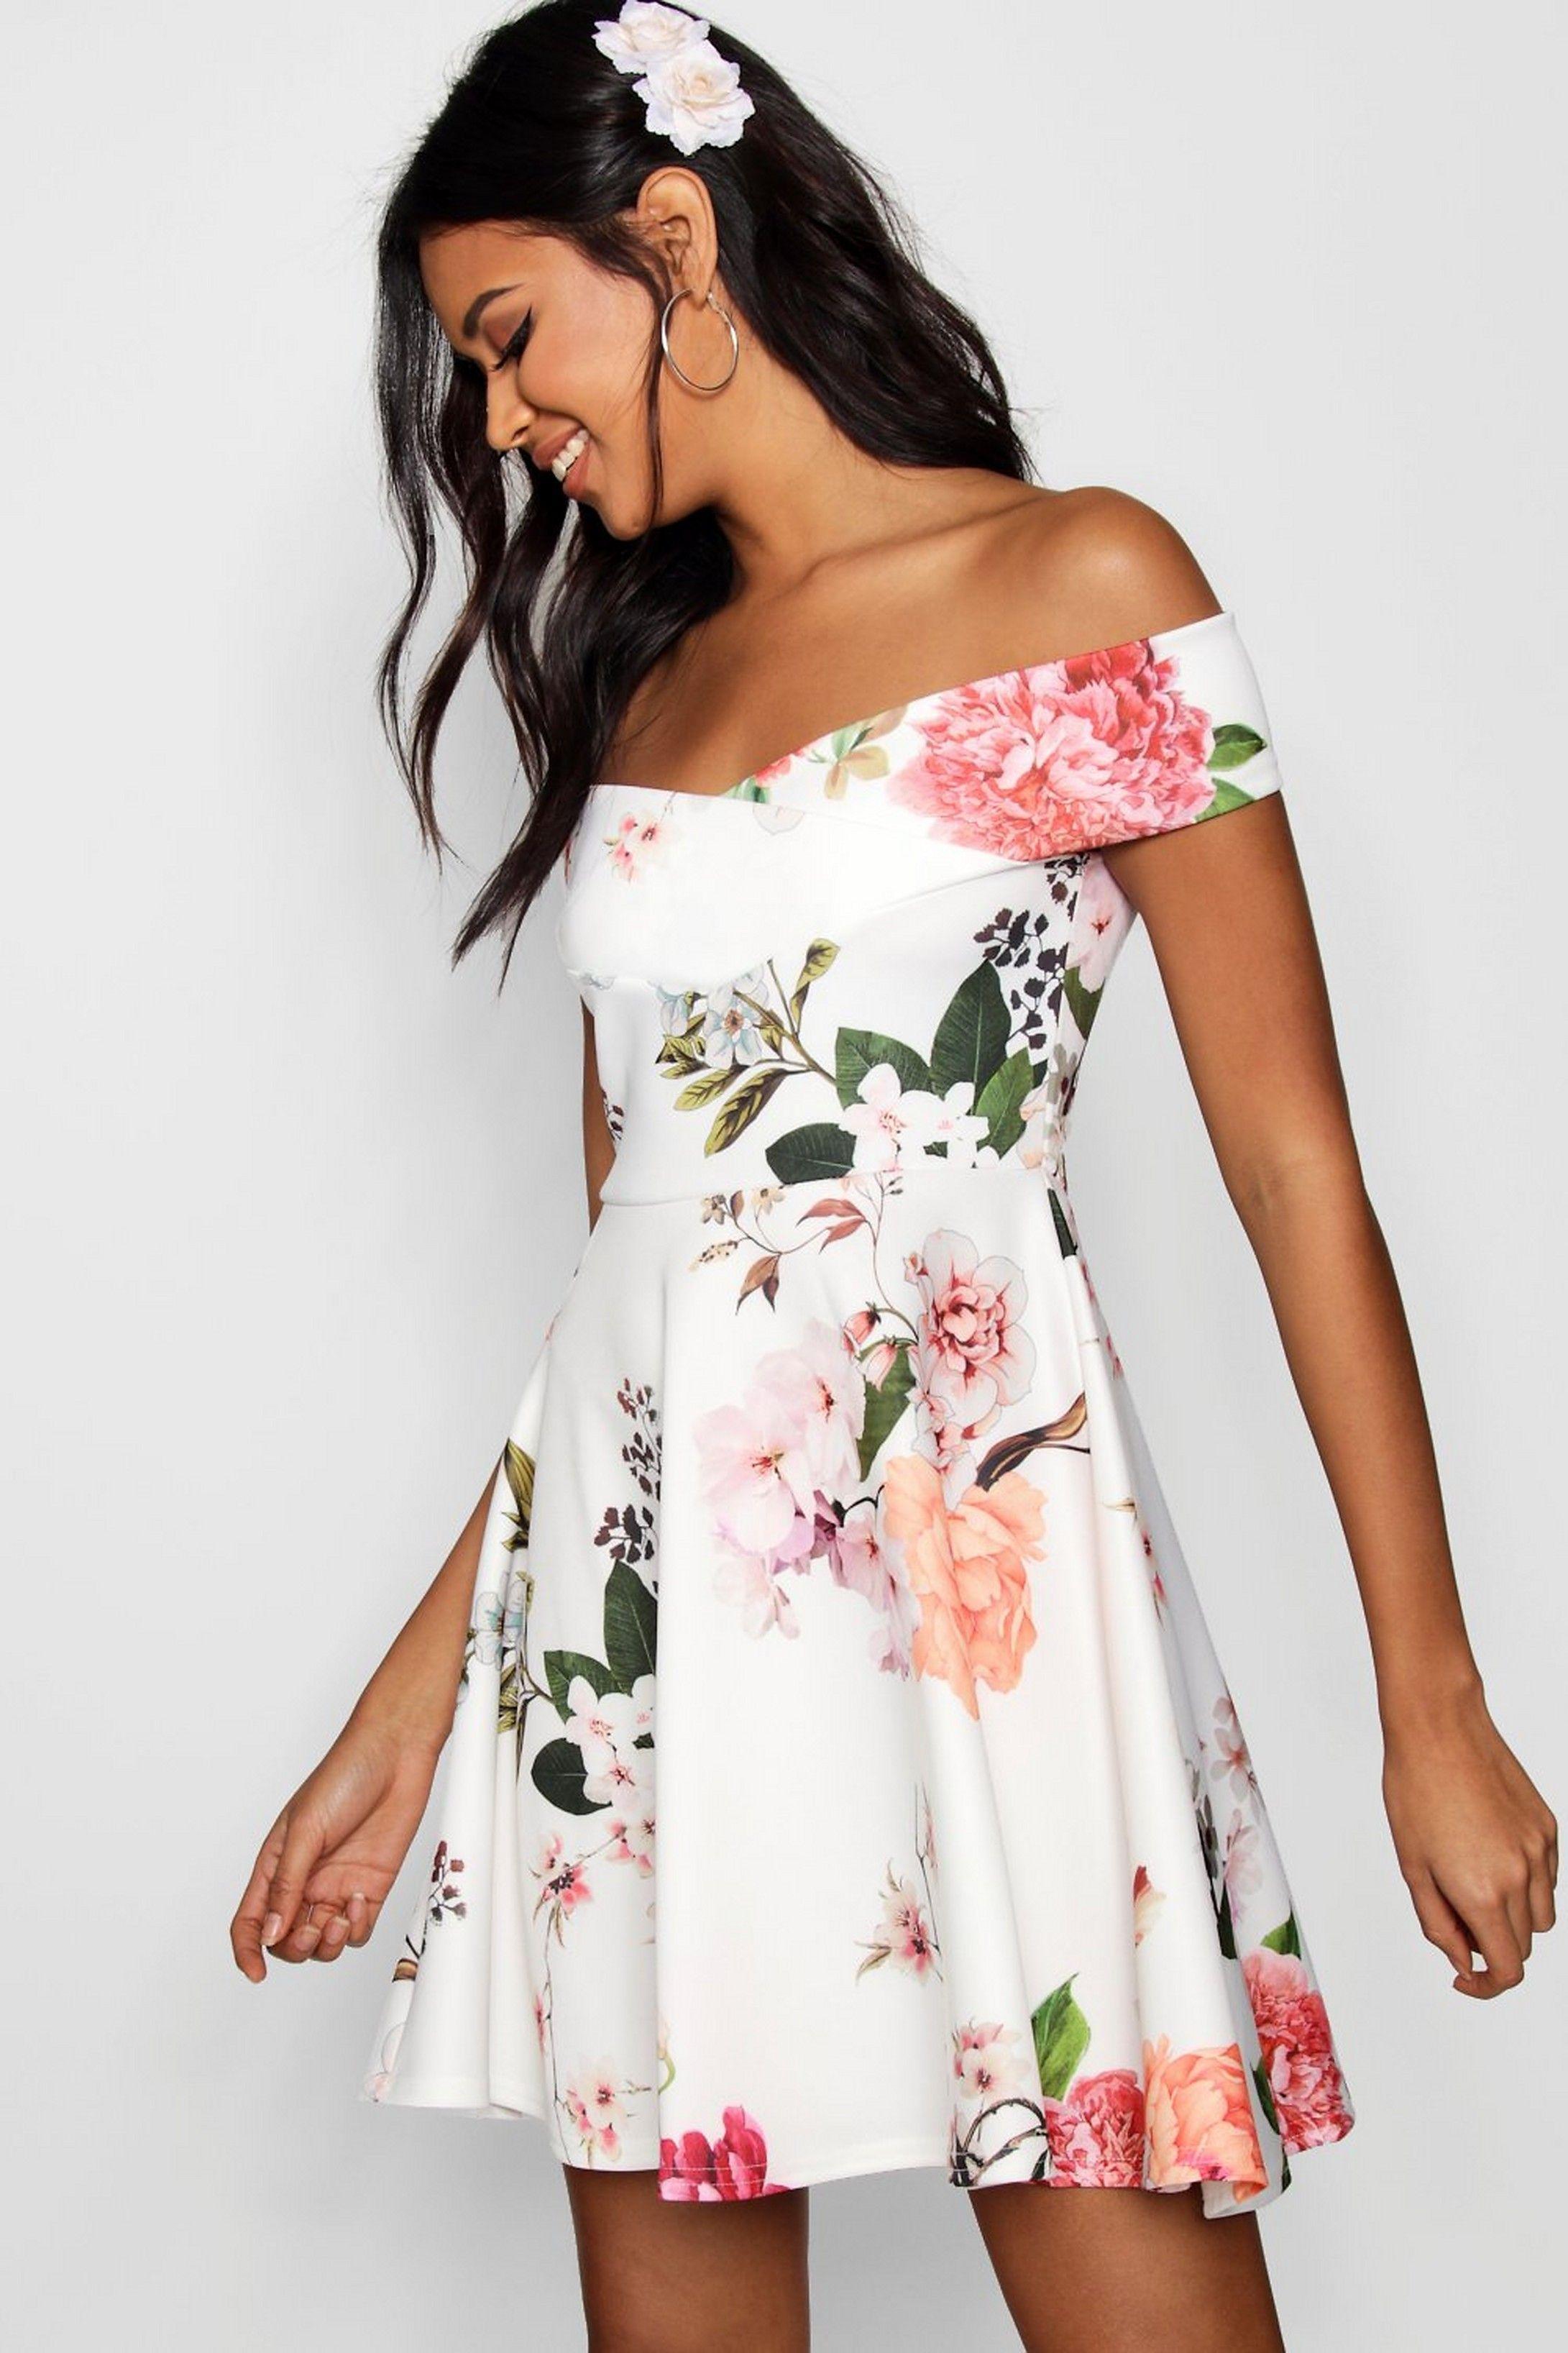 Floral Print Off Shoulder Skater Dress Boohoo Dresses Bodycon Fashion Floral Skater Dress [ 3272 x 2181 Pixel ]